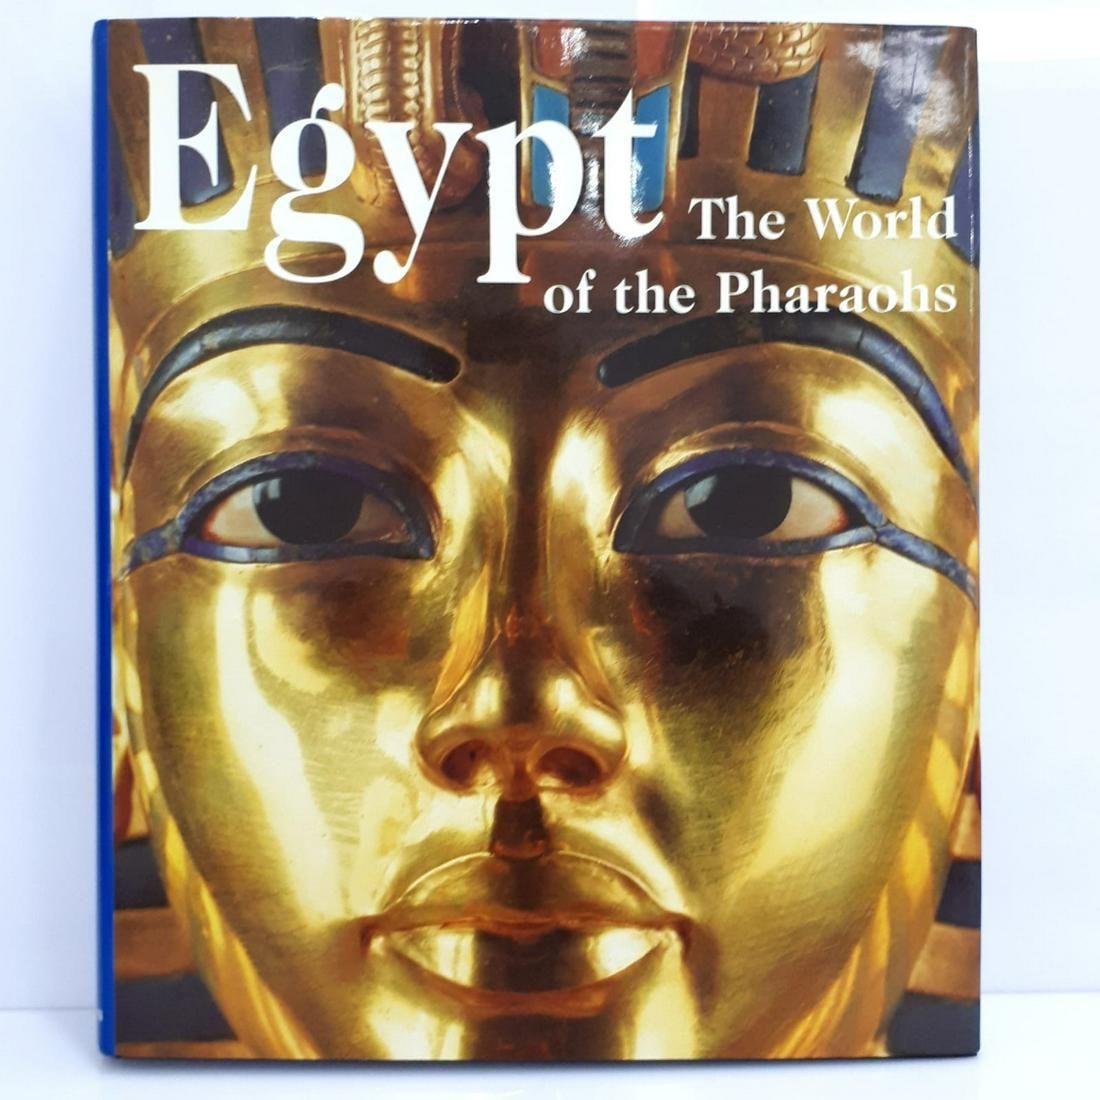 EGYPT THE WORLD OF THE PHARAOHS